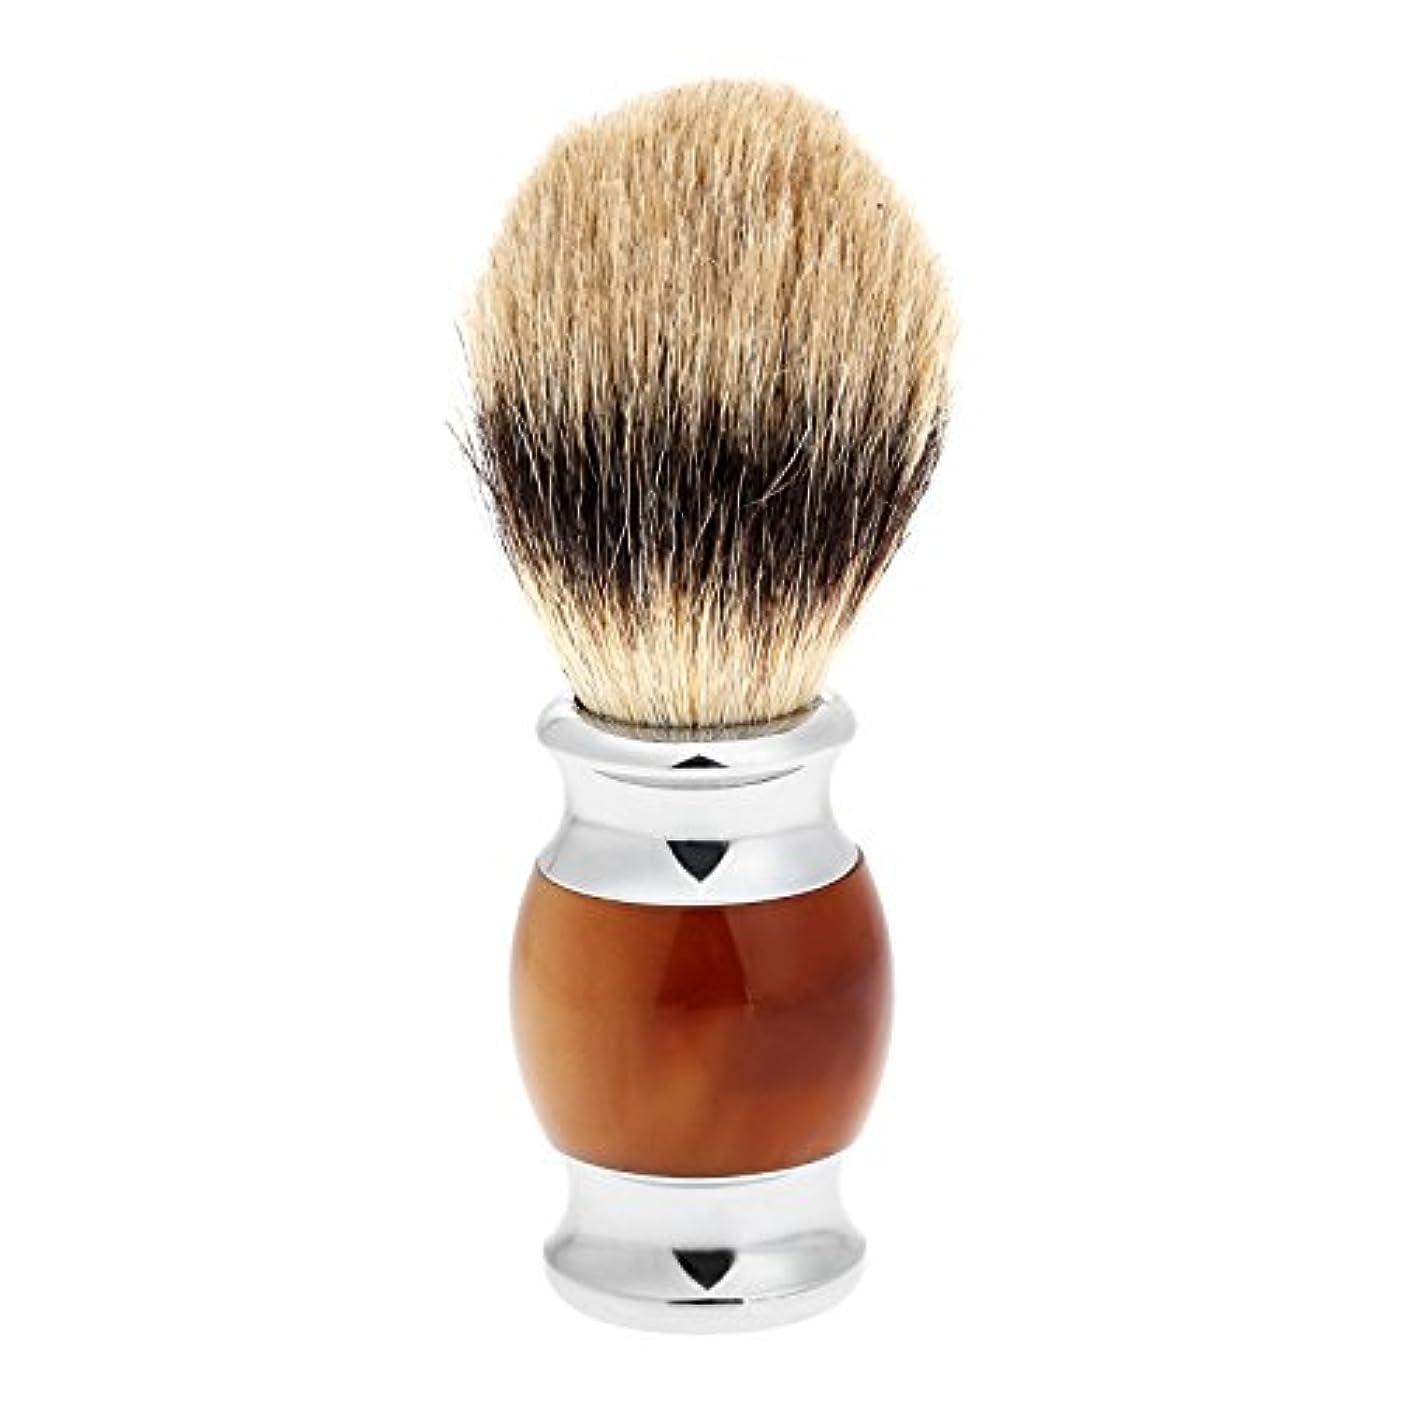 手入れ等々買い物に行く1PC メンズ ひげブラシ アナグマ毛 シェービングブラシ バーバー シェービング用ブラシ 理容 洗顔 髭剃り